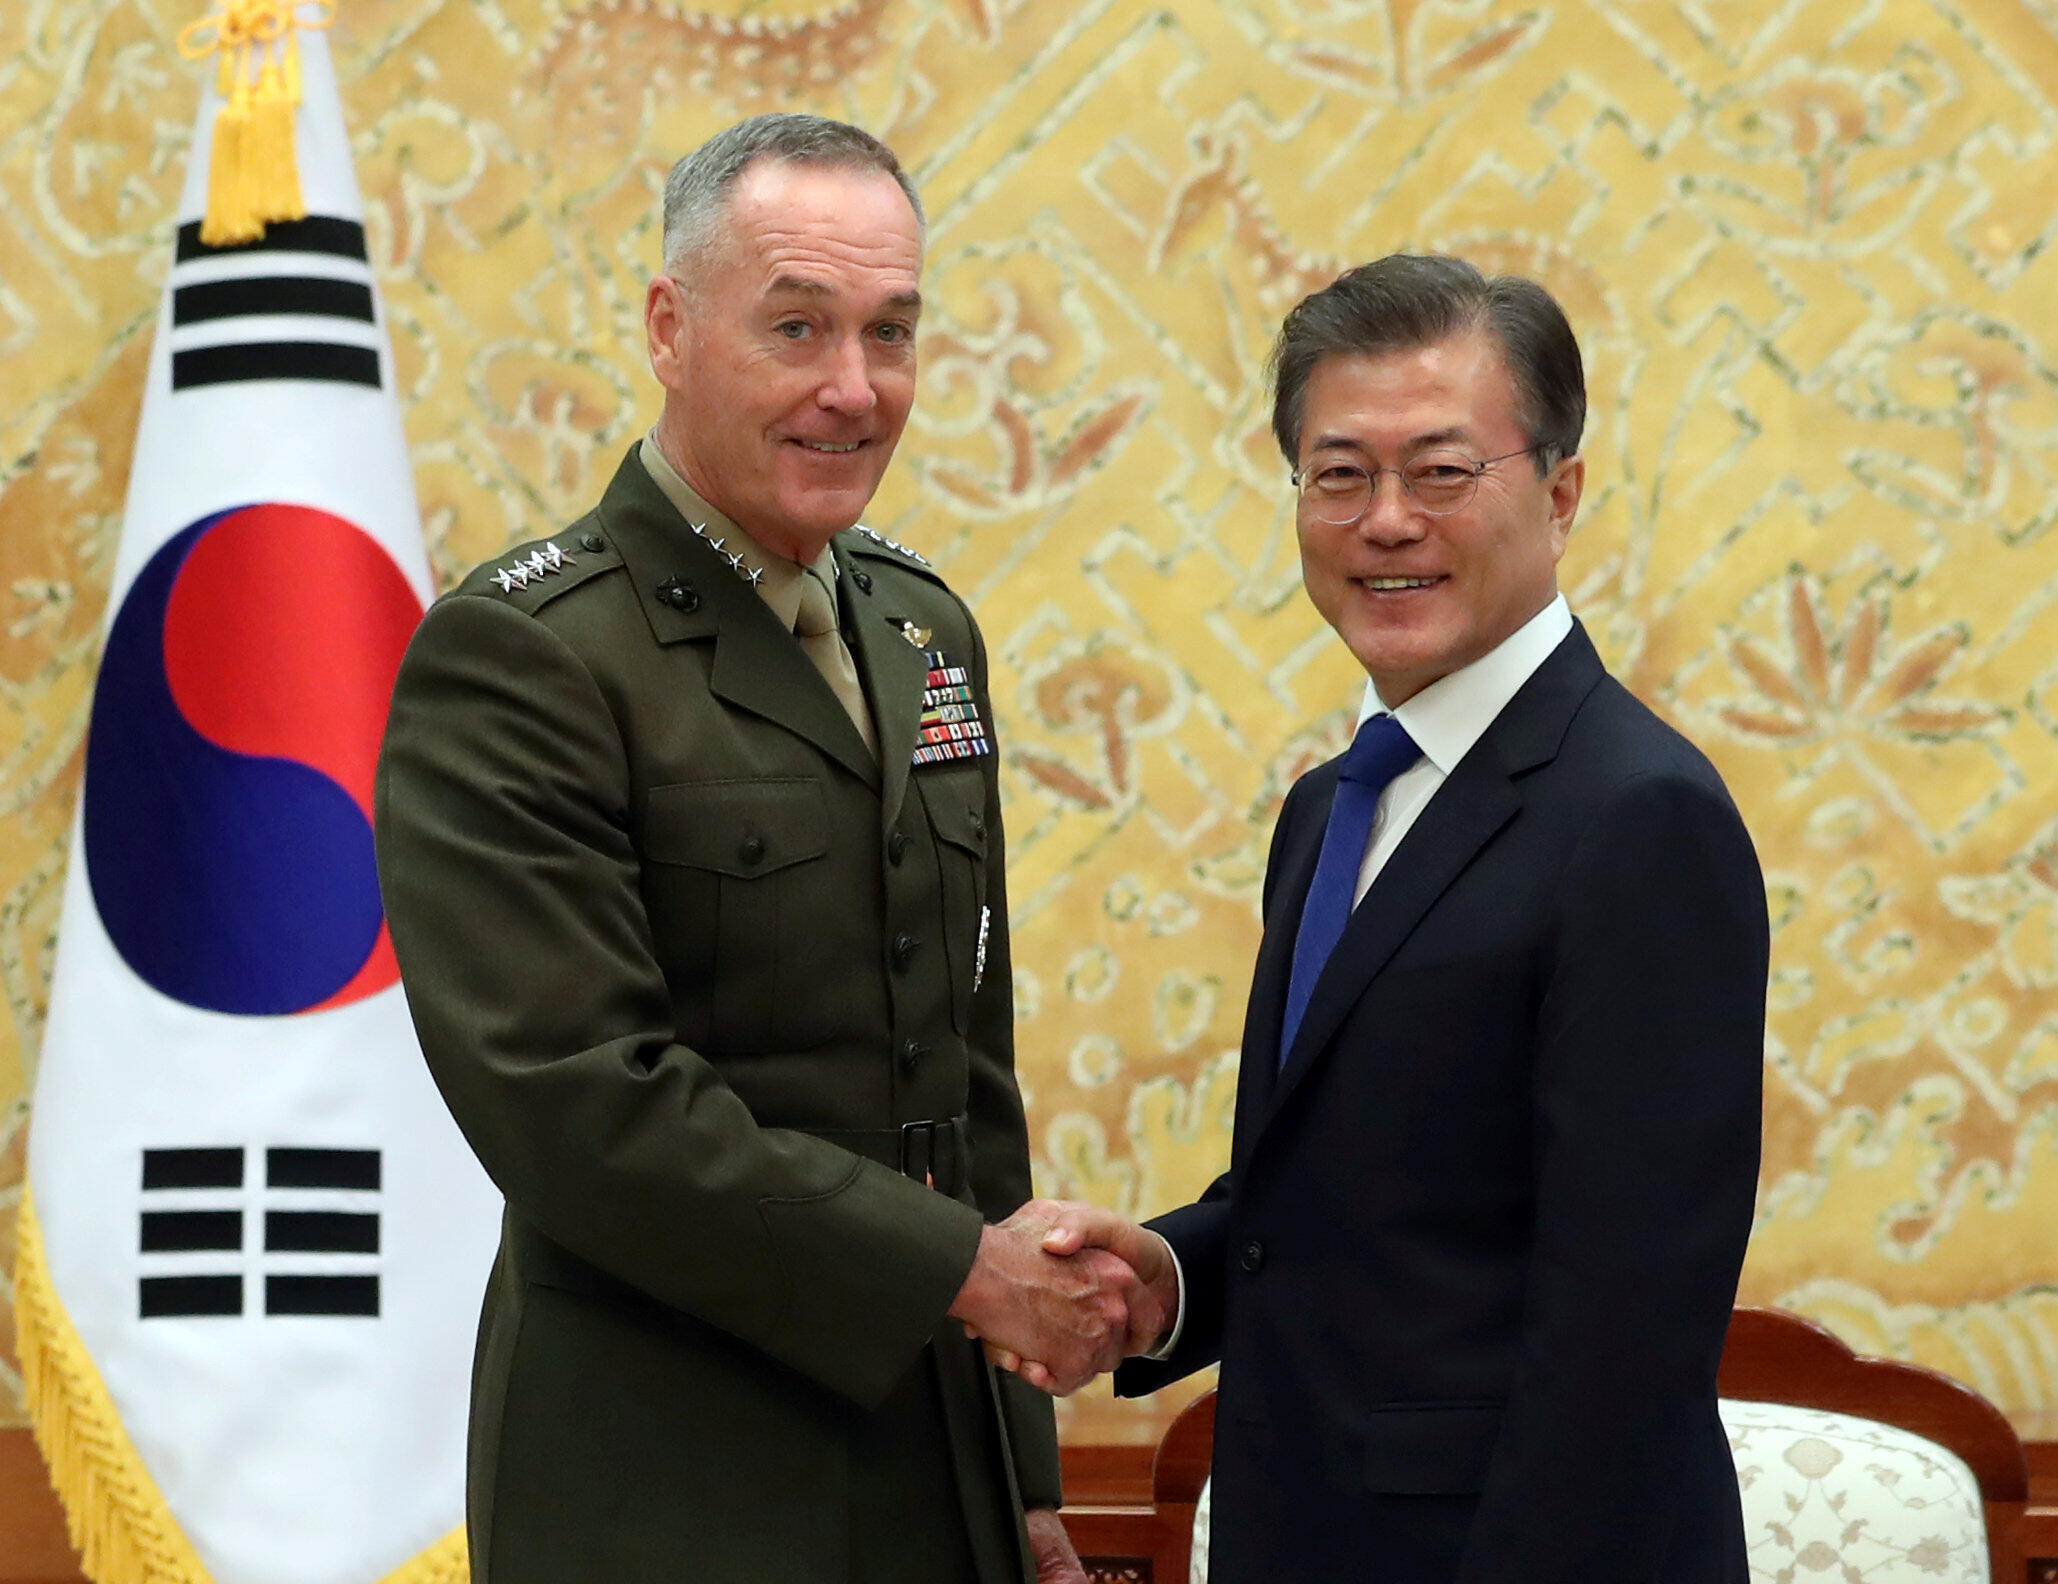 Tổng thống Hàn Quốc Moon Jae In đón tiếp tổng tham mưu trưởng quân đội Mỹ, tướng Joseph Dunford, tại Seoul, ngày 14/08/2017.